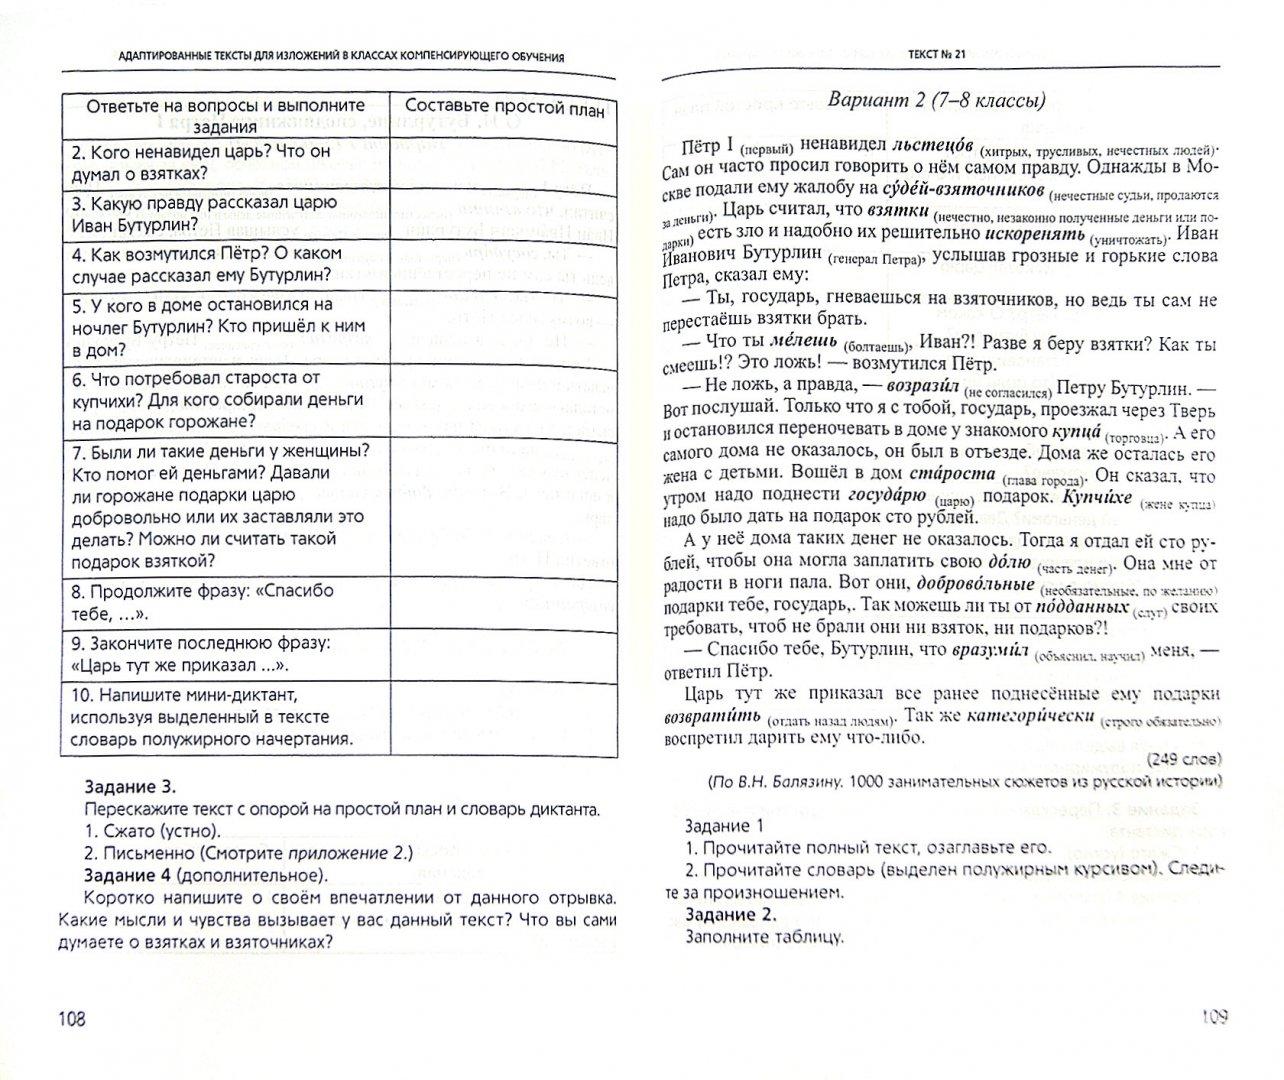 Иллюстрация 1 из 6 для Подготовка учащихся с ОВЗ к письменному экзамену по русскому языку за курс основной школы. ФГОС - Саркис Зуробьян   Лабиринт - книги. Источник: Лабиринт